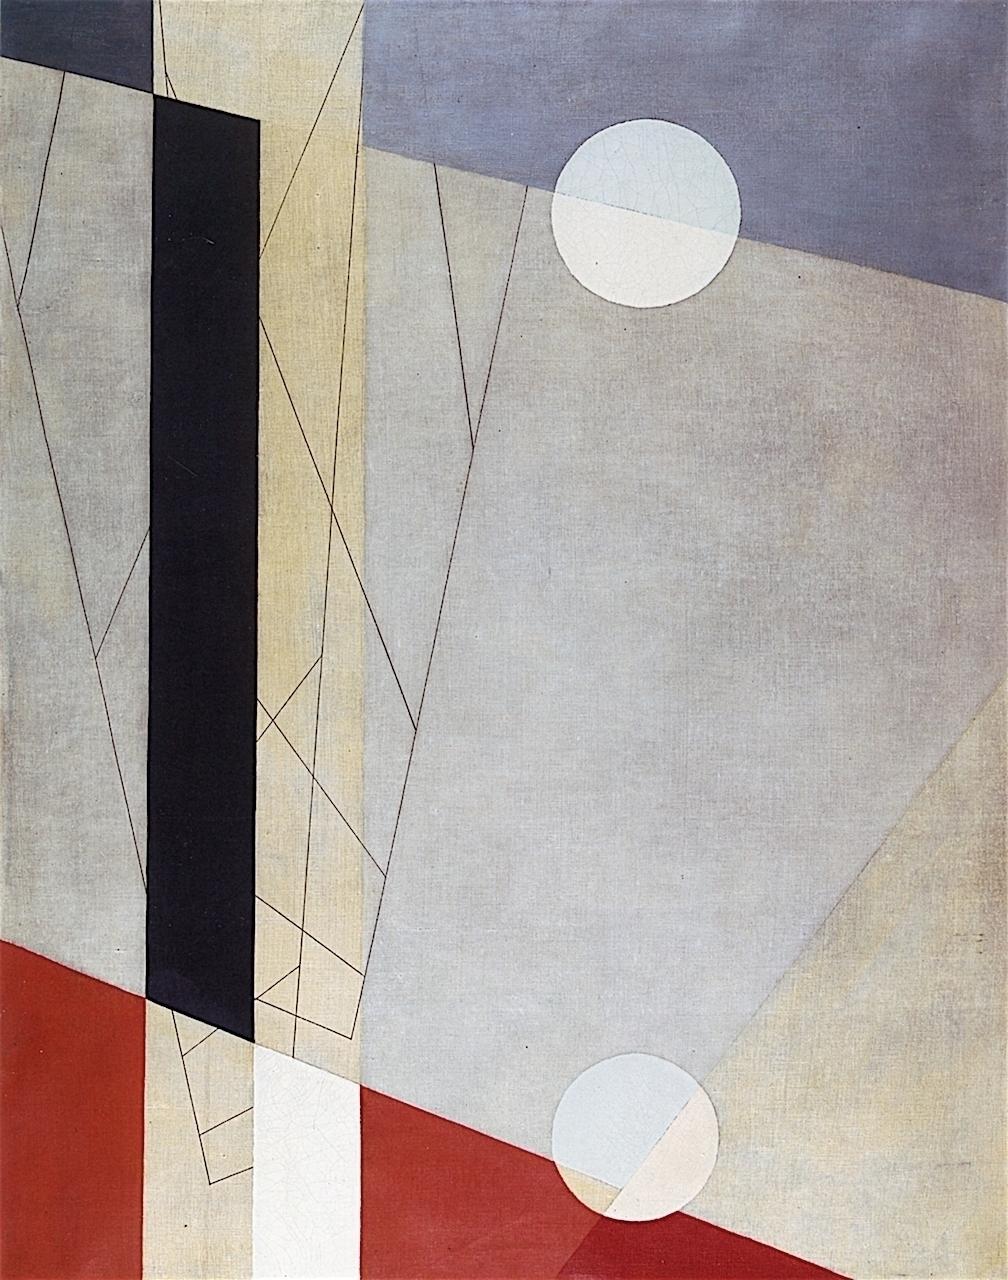 László Moholy-Nagy: VI, 1925 - arthurboehm | ello